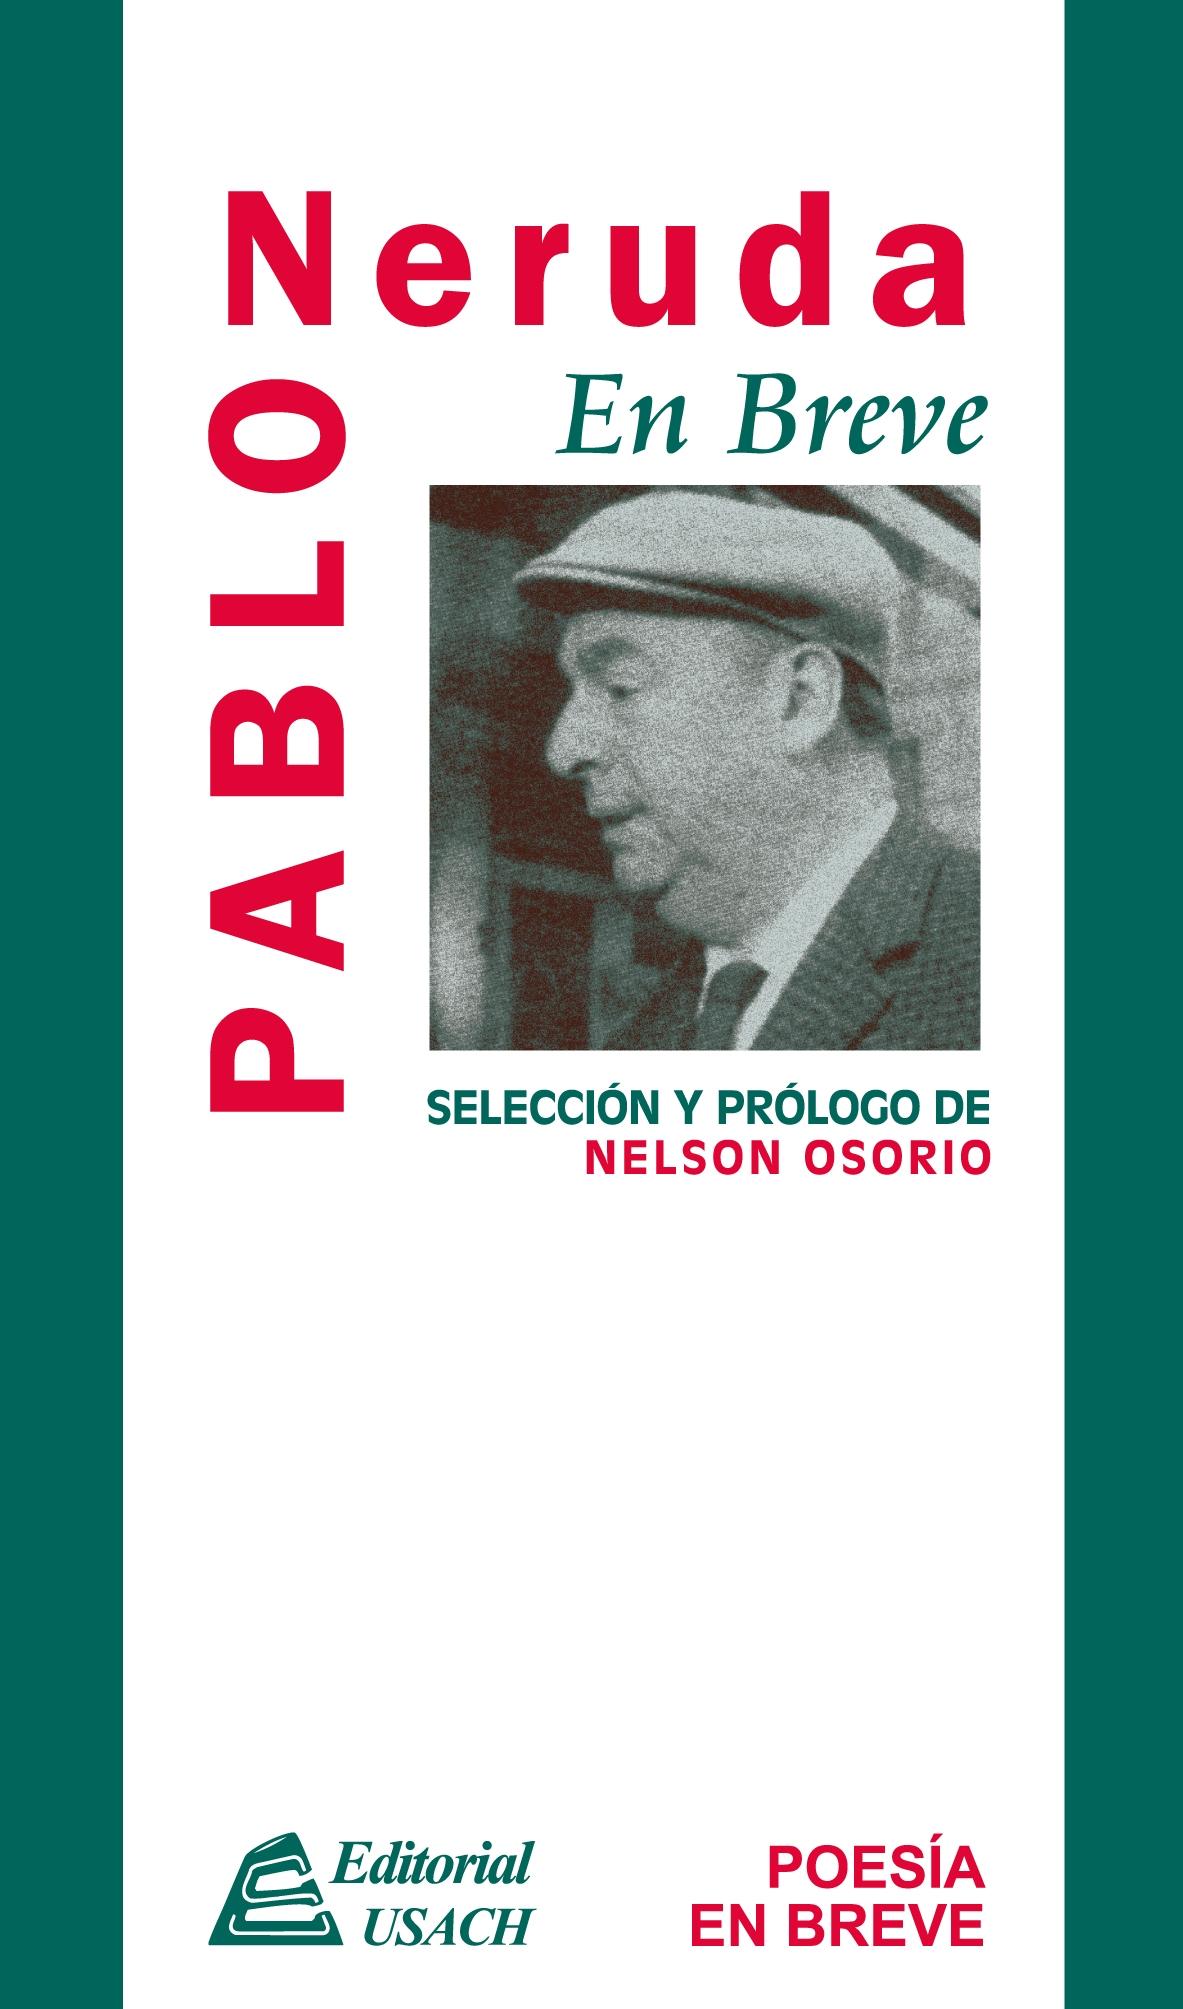 Pablo Neruda. Poesía en breve